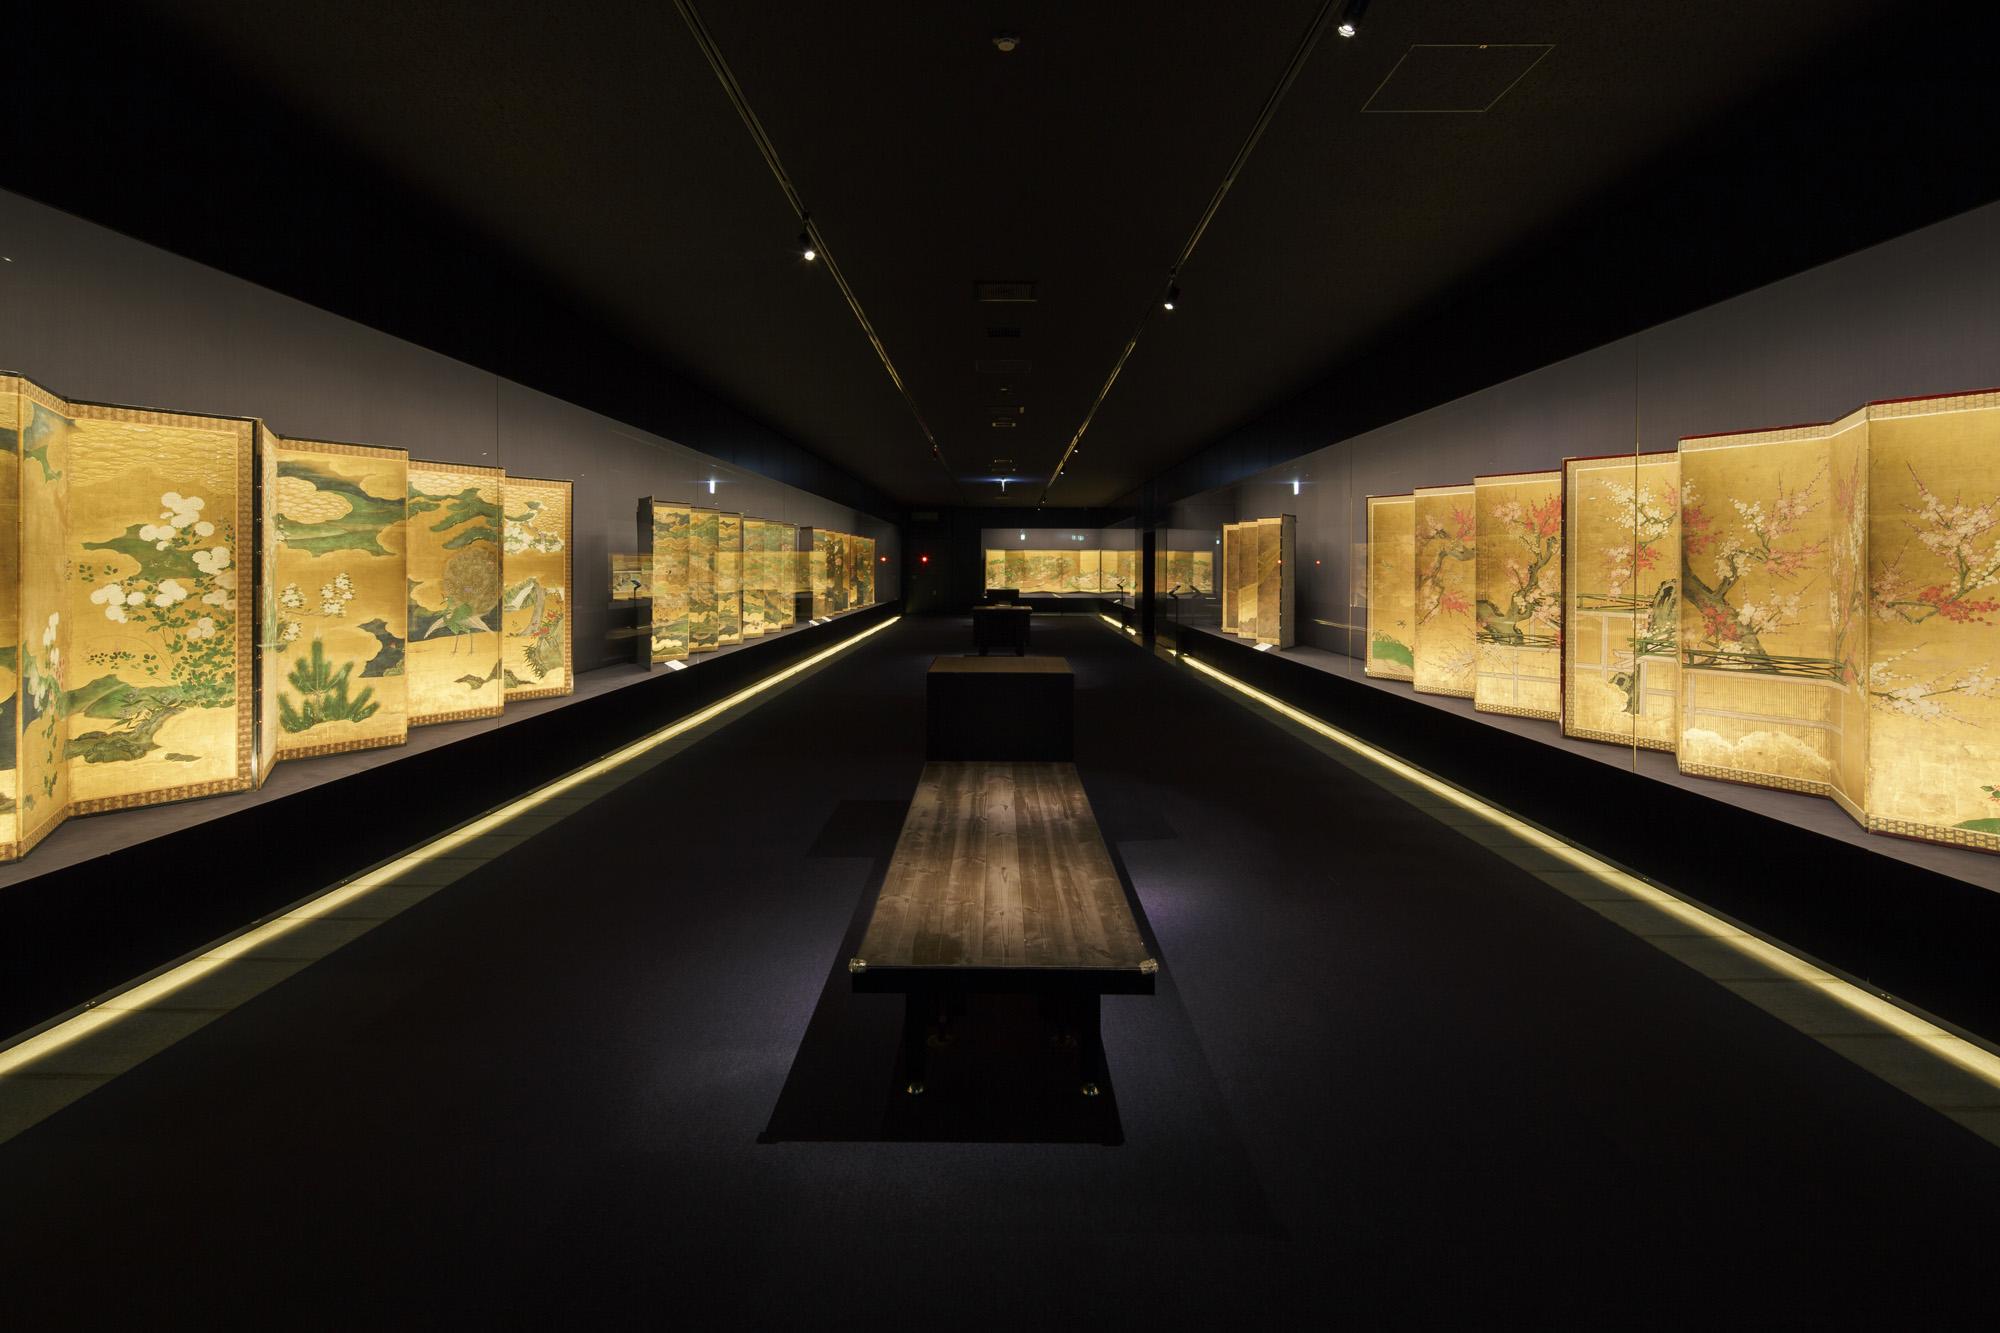 屋内展示面積は約5,000㎡と箱根最大級。写真は屏風をメインに日本絵画のコレクションを公開する3階展示室